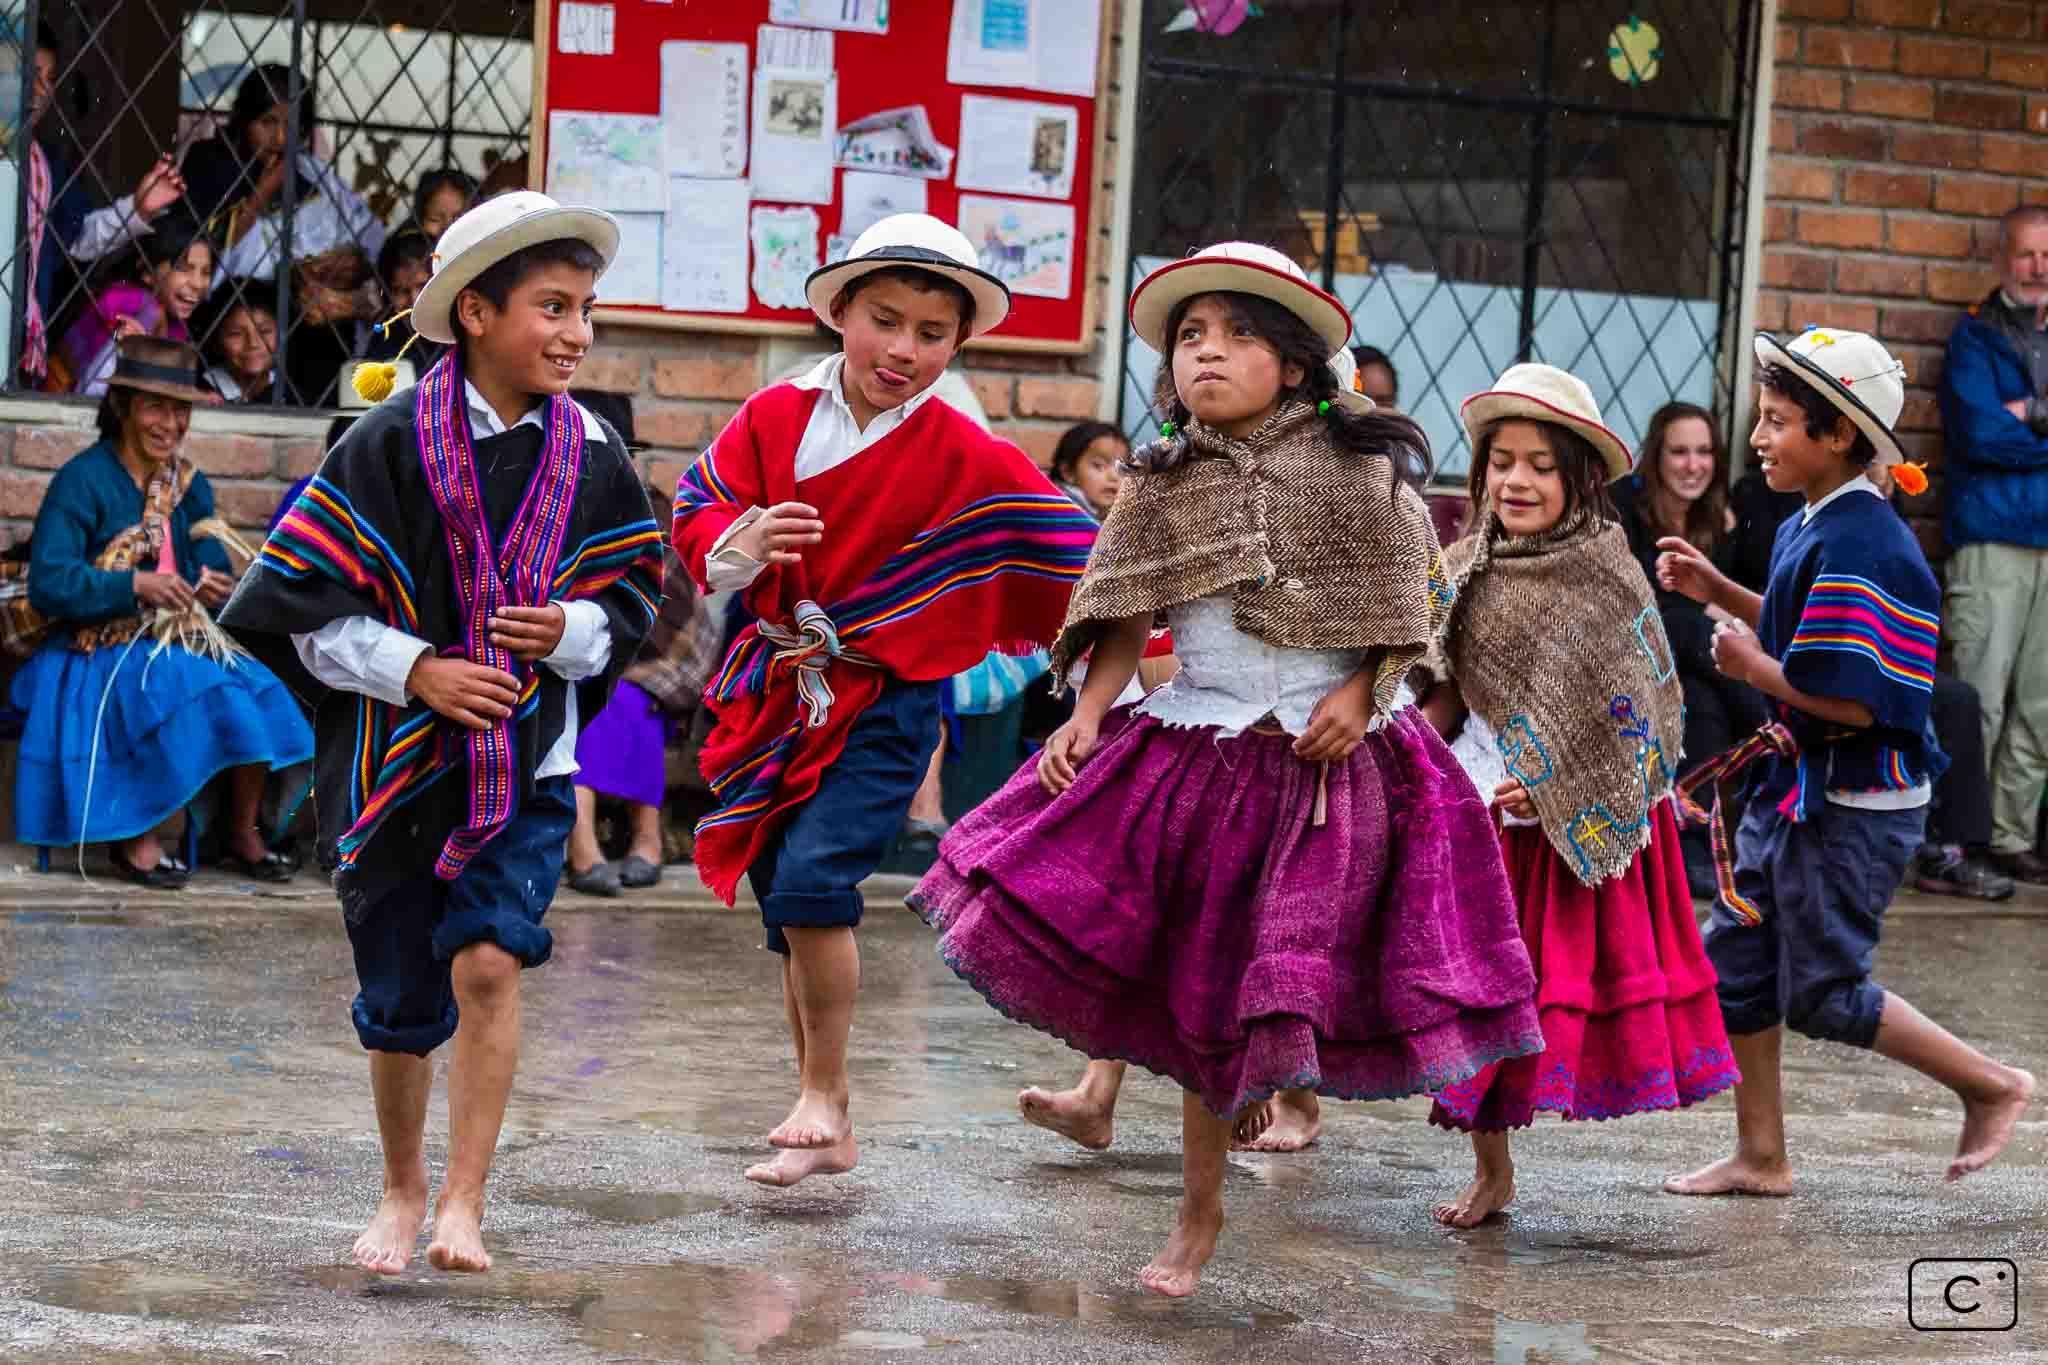 Danse folklorique andine par les enfants de la communauté de Bacpancel lors d'un voyage en mission